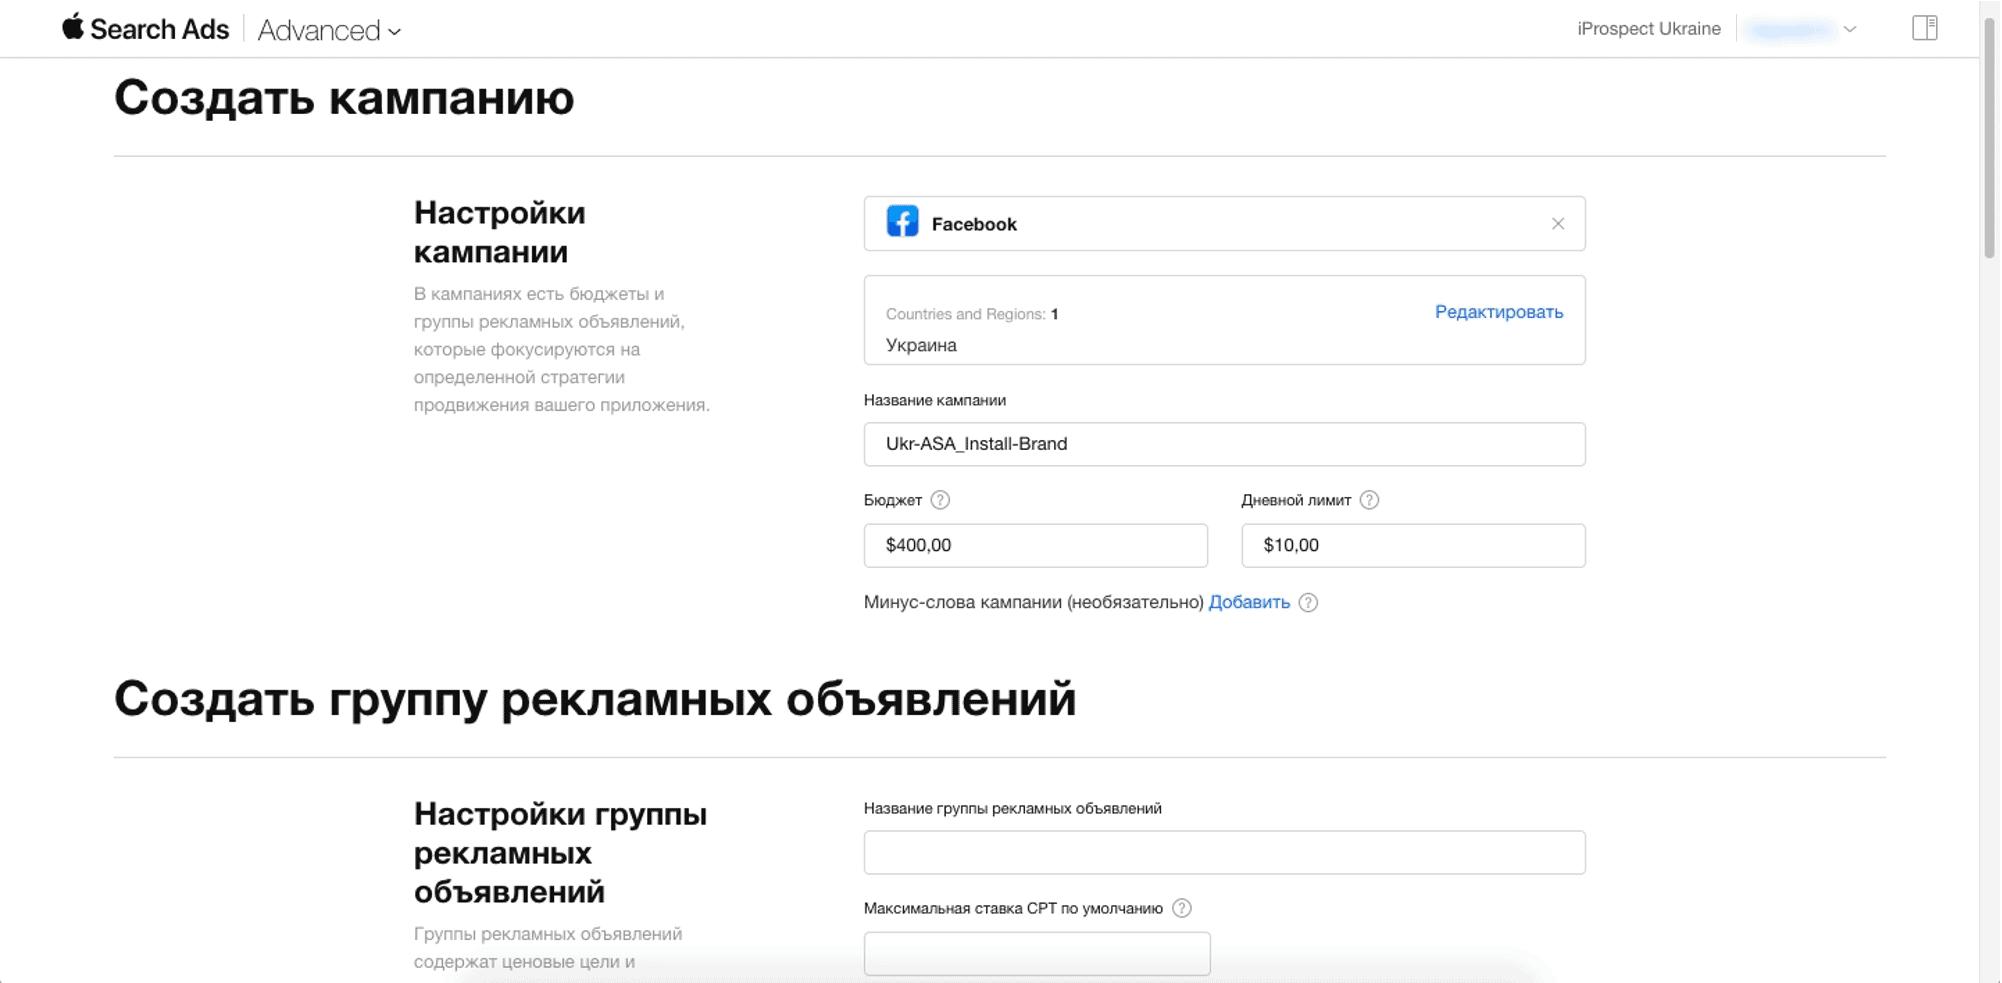 Настройки кампании в Apple Search Ads